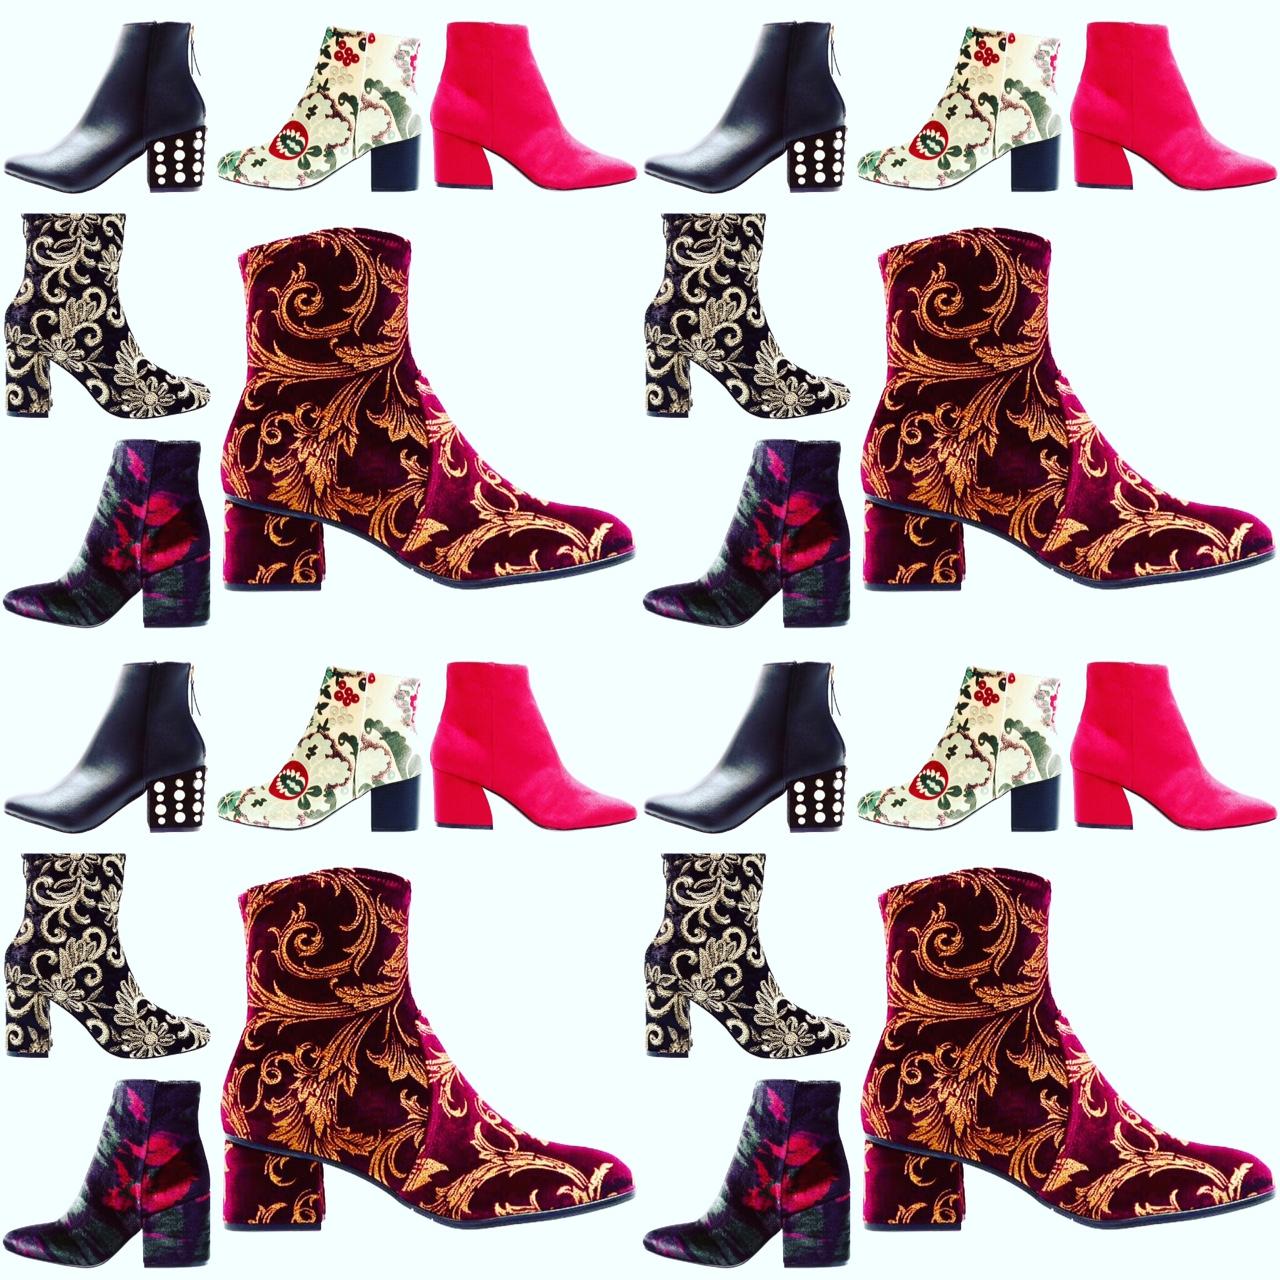 Tronchetti o Ankle boots: chiamali come vuoi, ma averli nell'armadio è obbligatorio